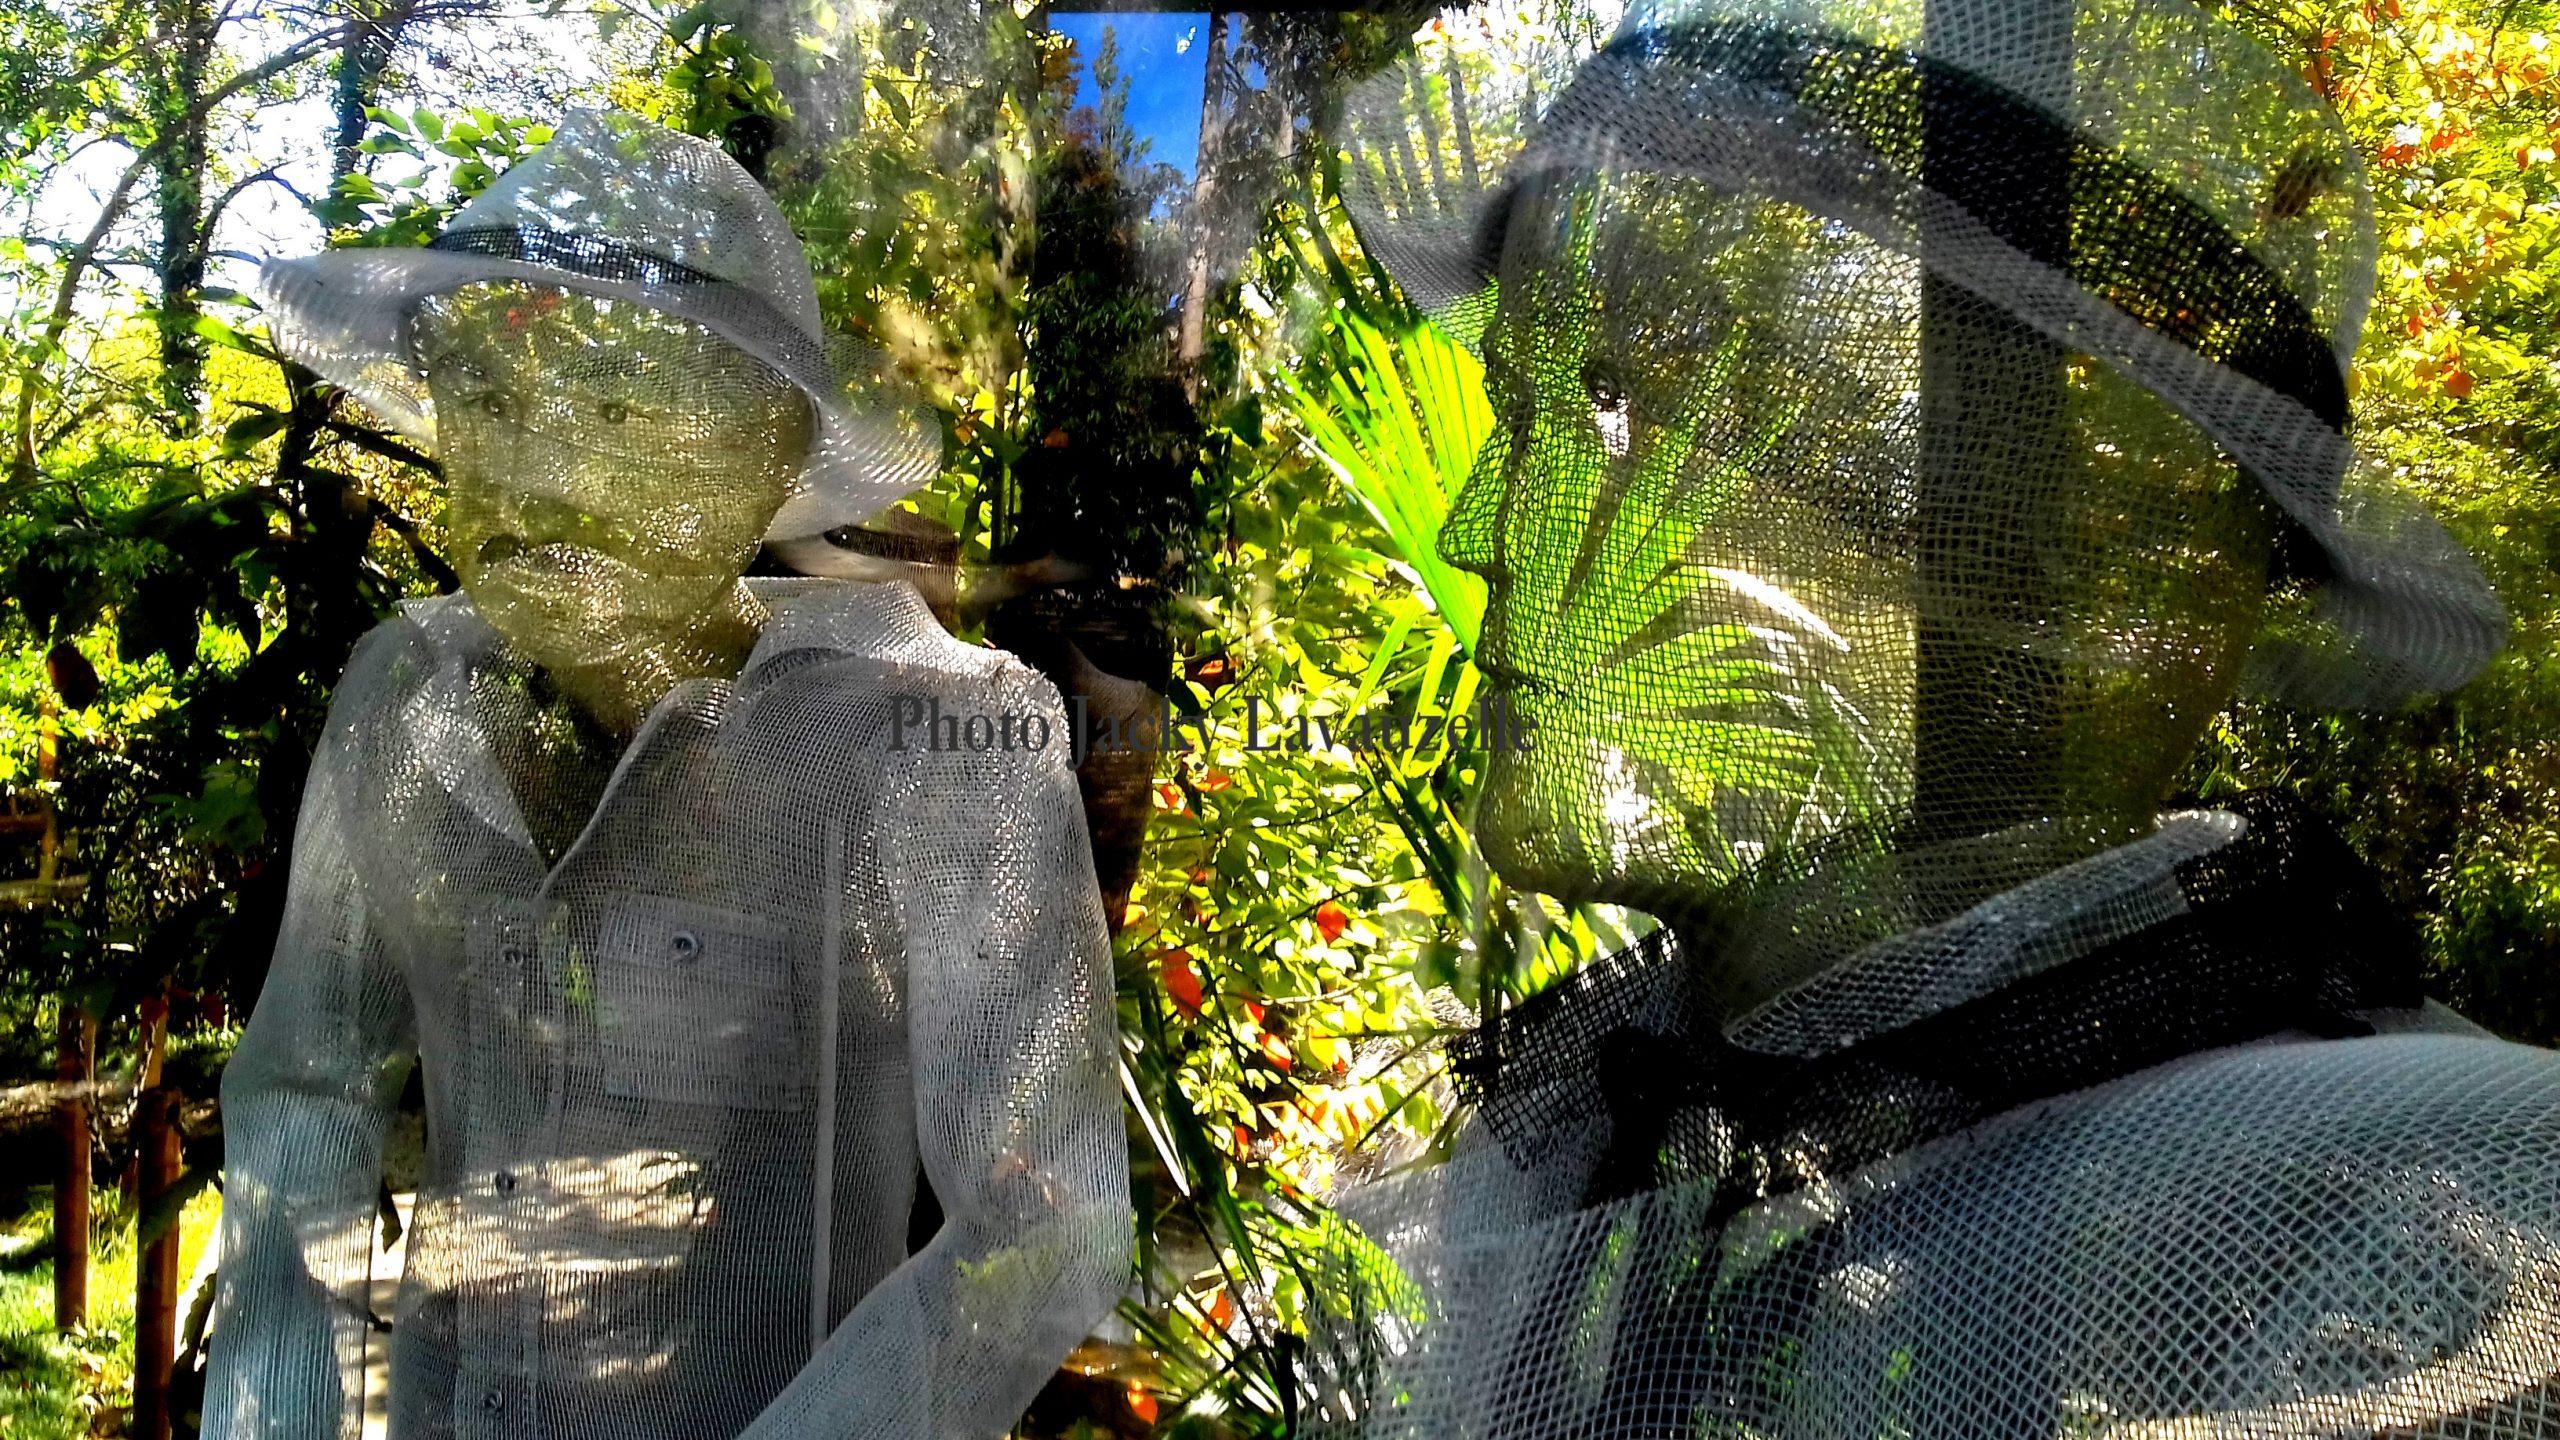 Le Jardin Botanique De Koutaïssi - ქუთაისის ... pour Jardin Botanique Emploi